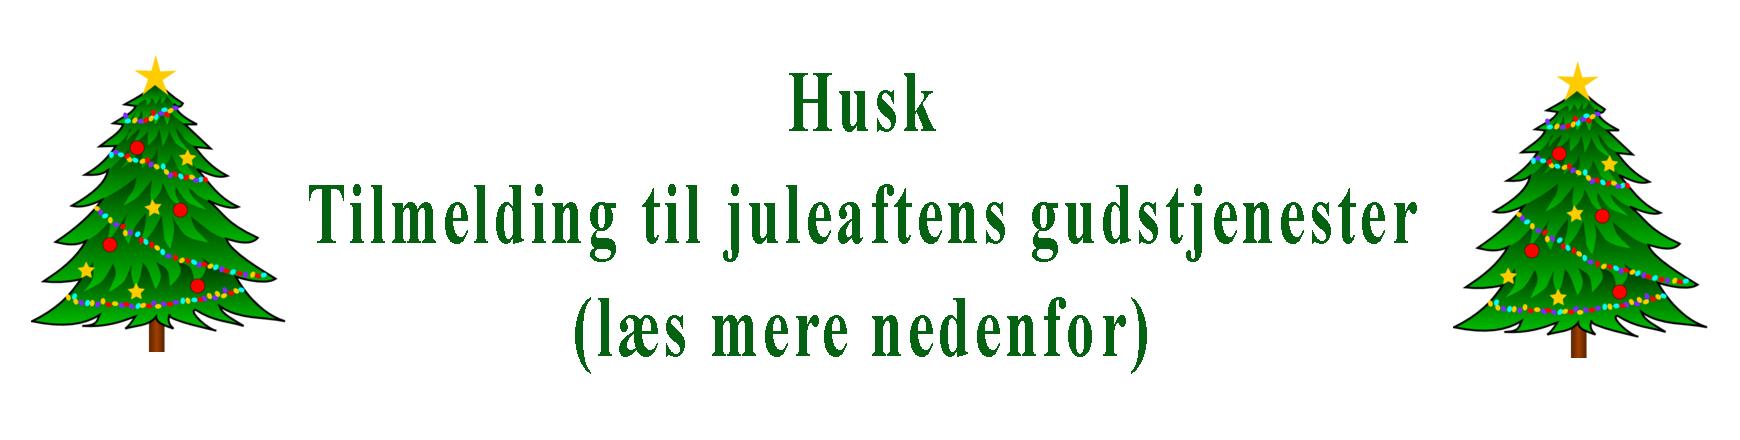 Husk banner